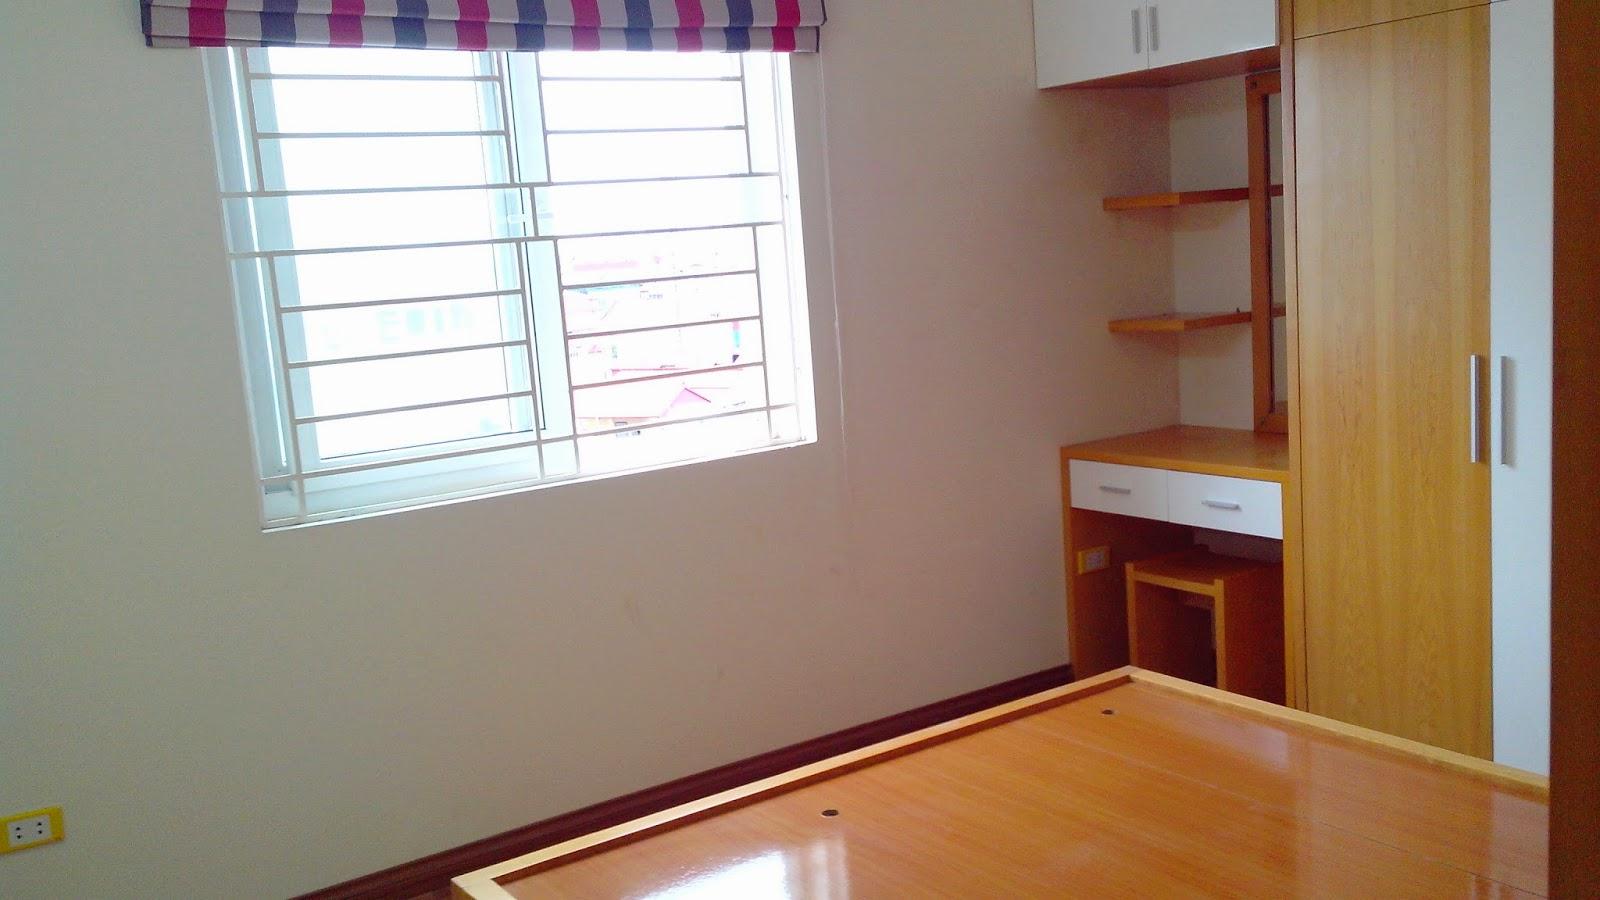 Nội thất hoàn thiện khi bàn giao nhà của chung cư mini Hồ Ba Mẫu giá rẻ